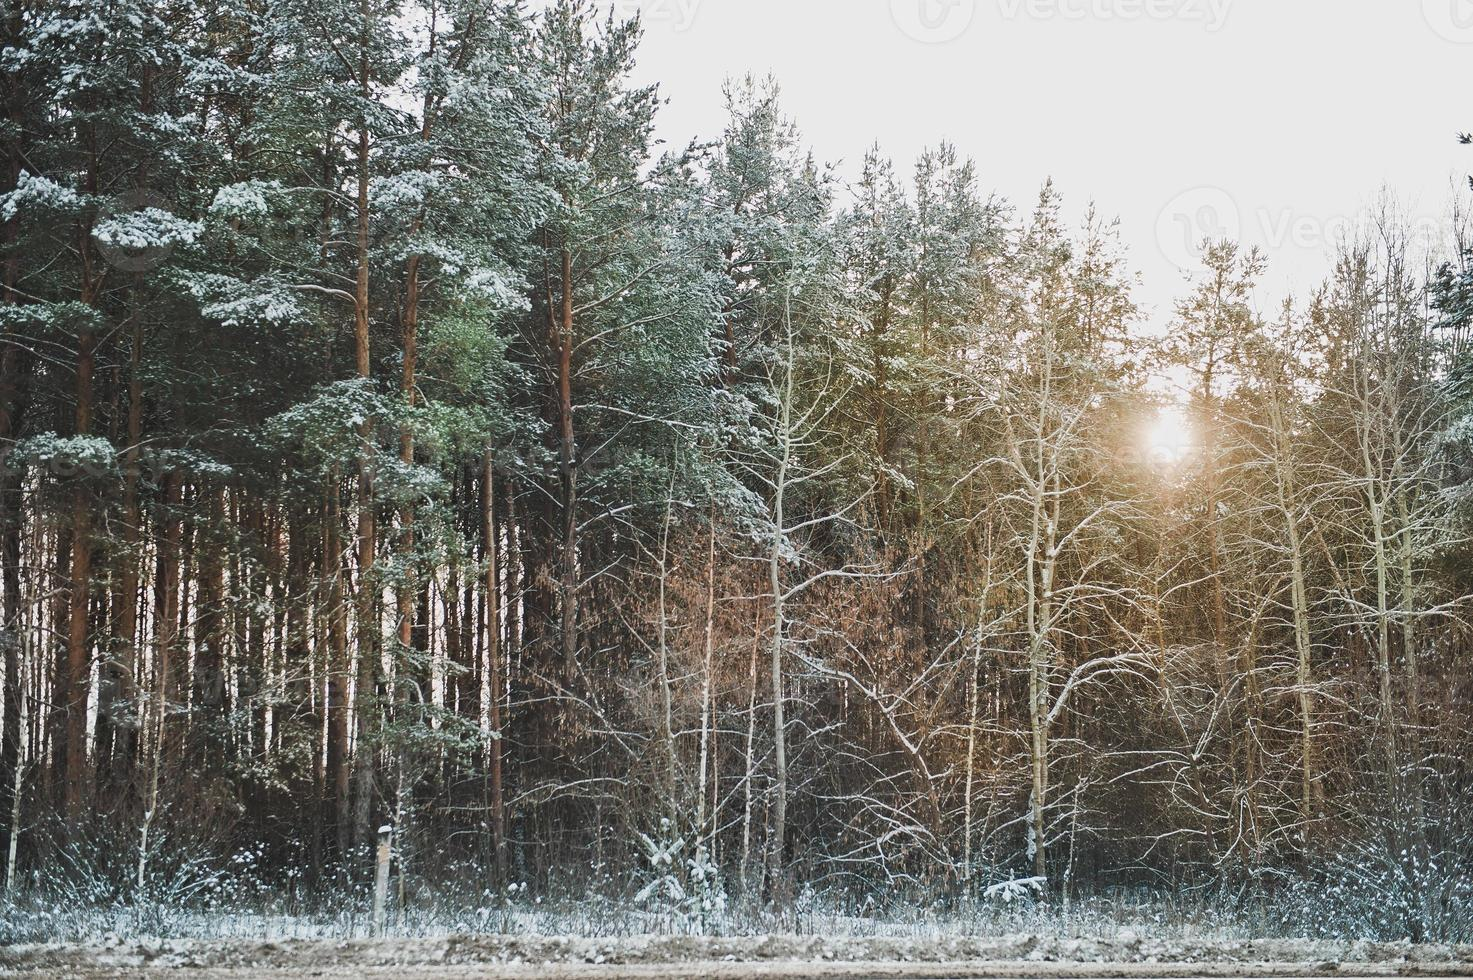 floresta de abetos do inverno foto